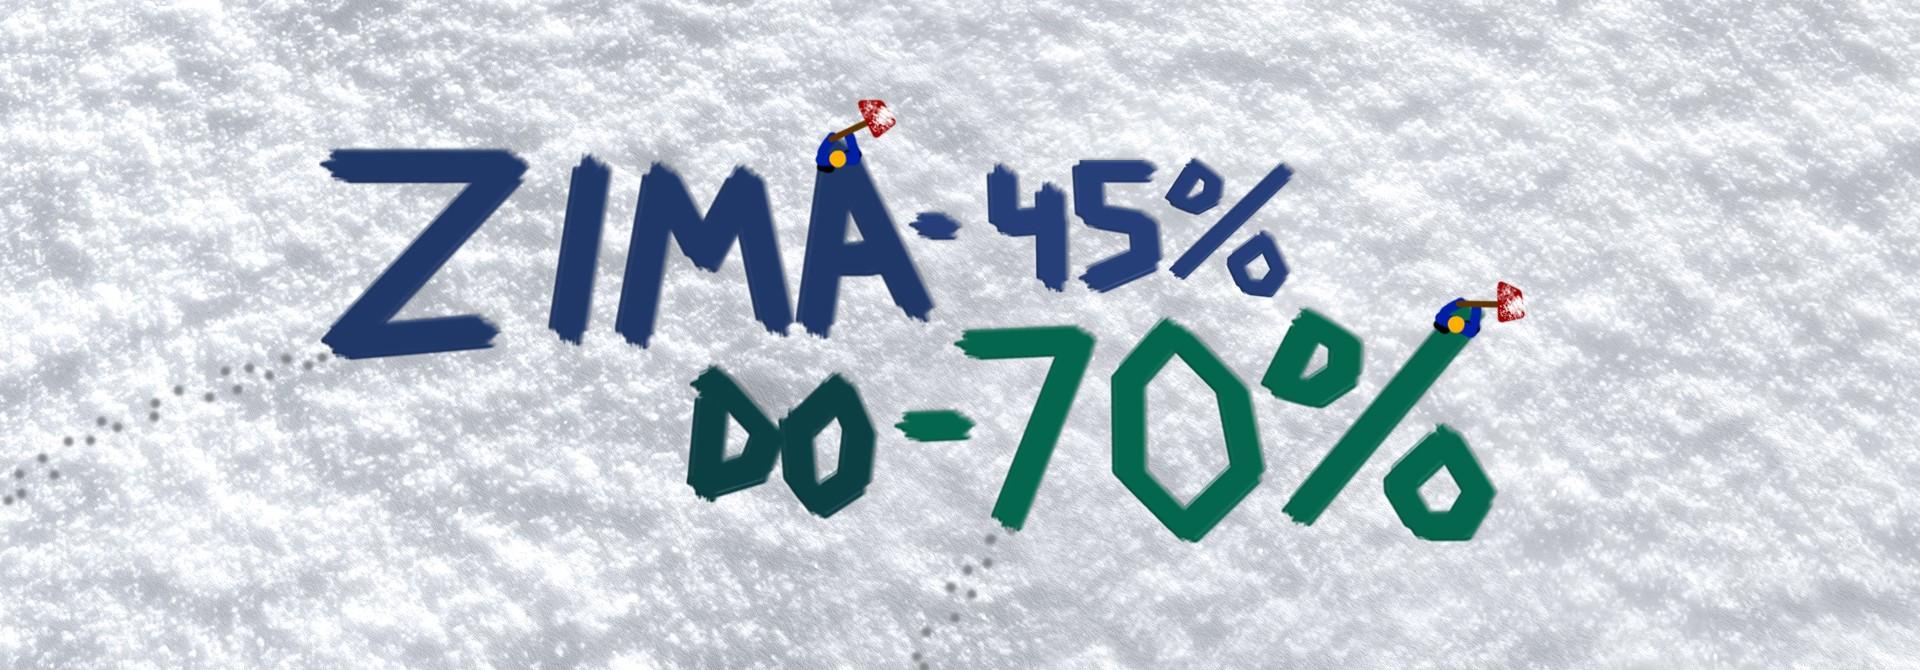 Wyprzedaż kolekcji zimowej minimum 45%! Buty zimowe -70%